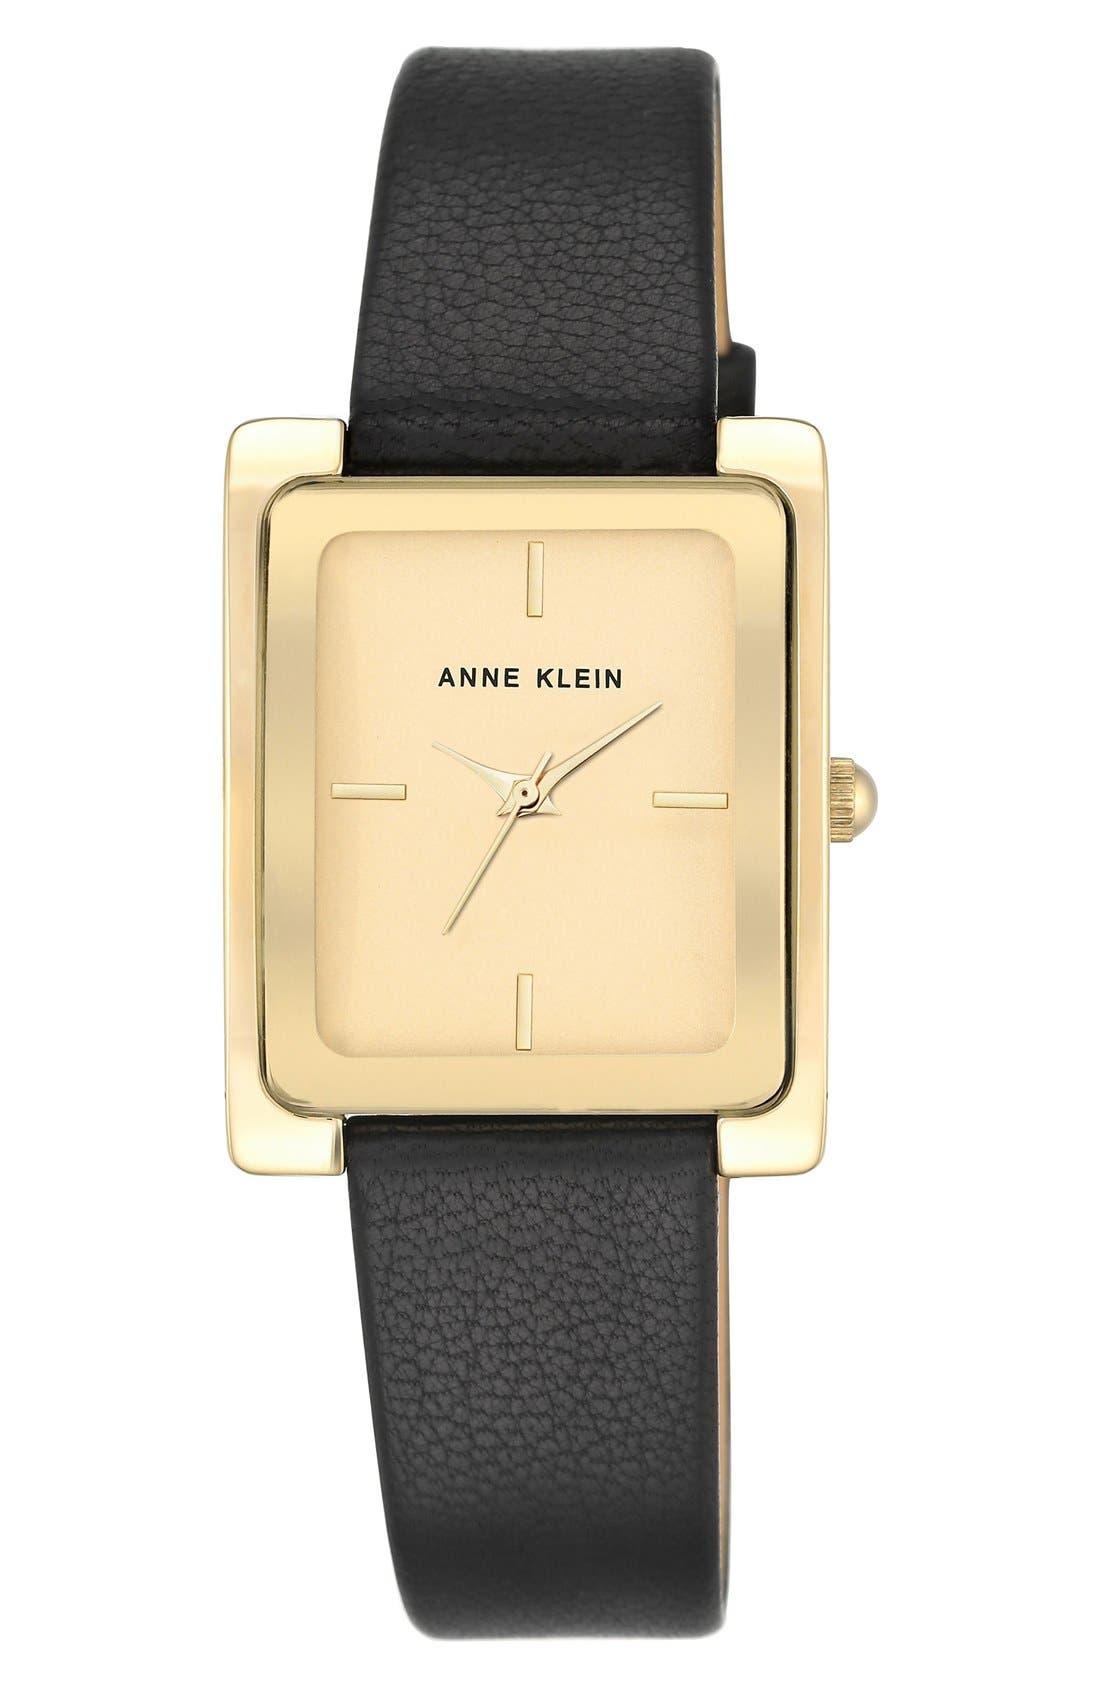 Anne Klein Rectangular Leather Strap Watch, 28mm x 35mm